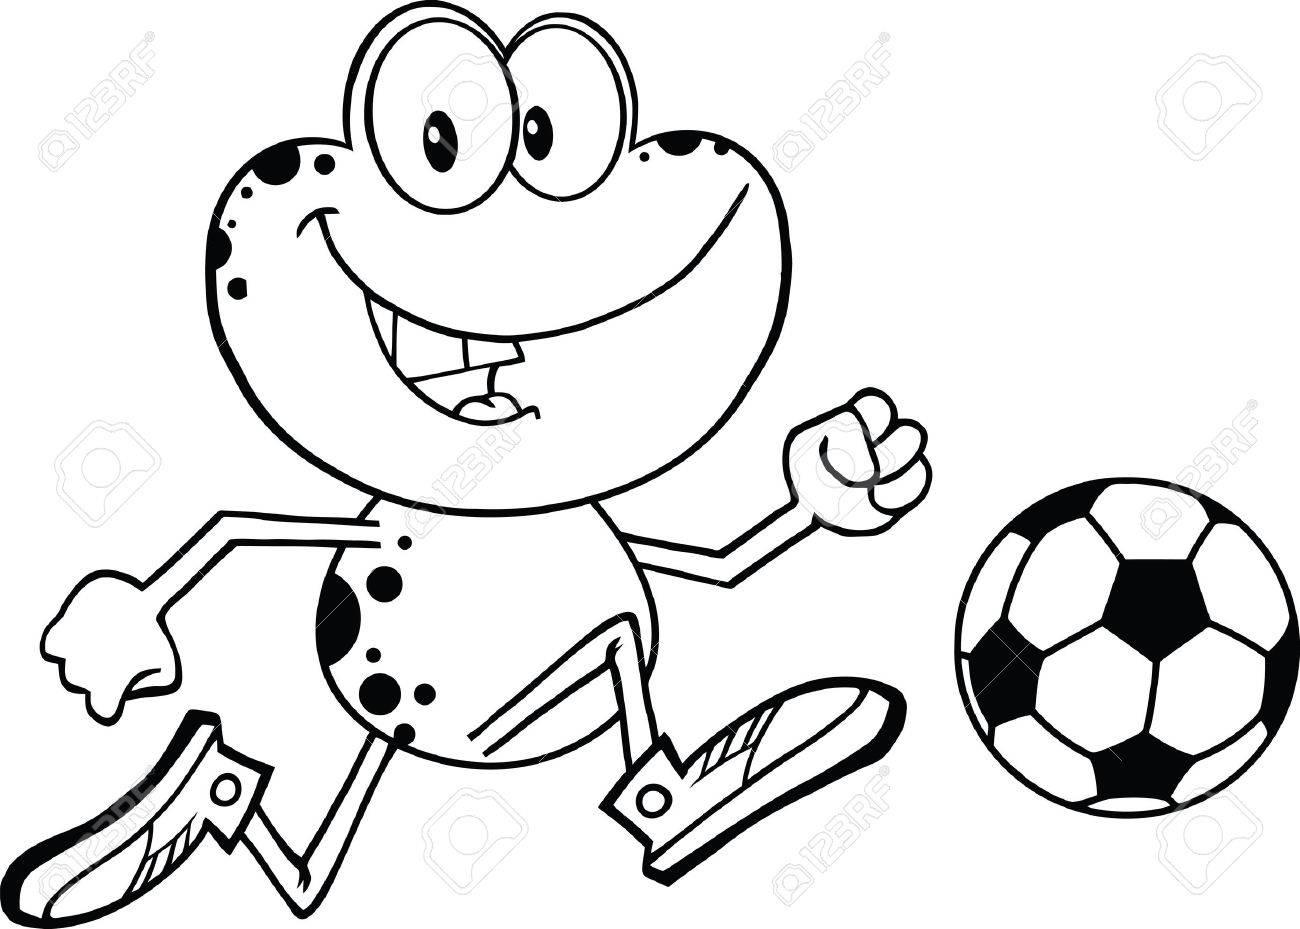 黒と白のかわいいカエル漫画文字再生とサッカー ボール イラスト分離白の